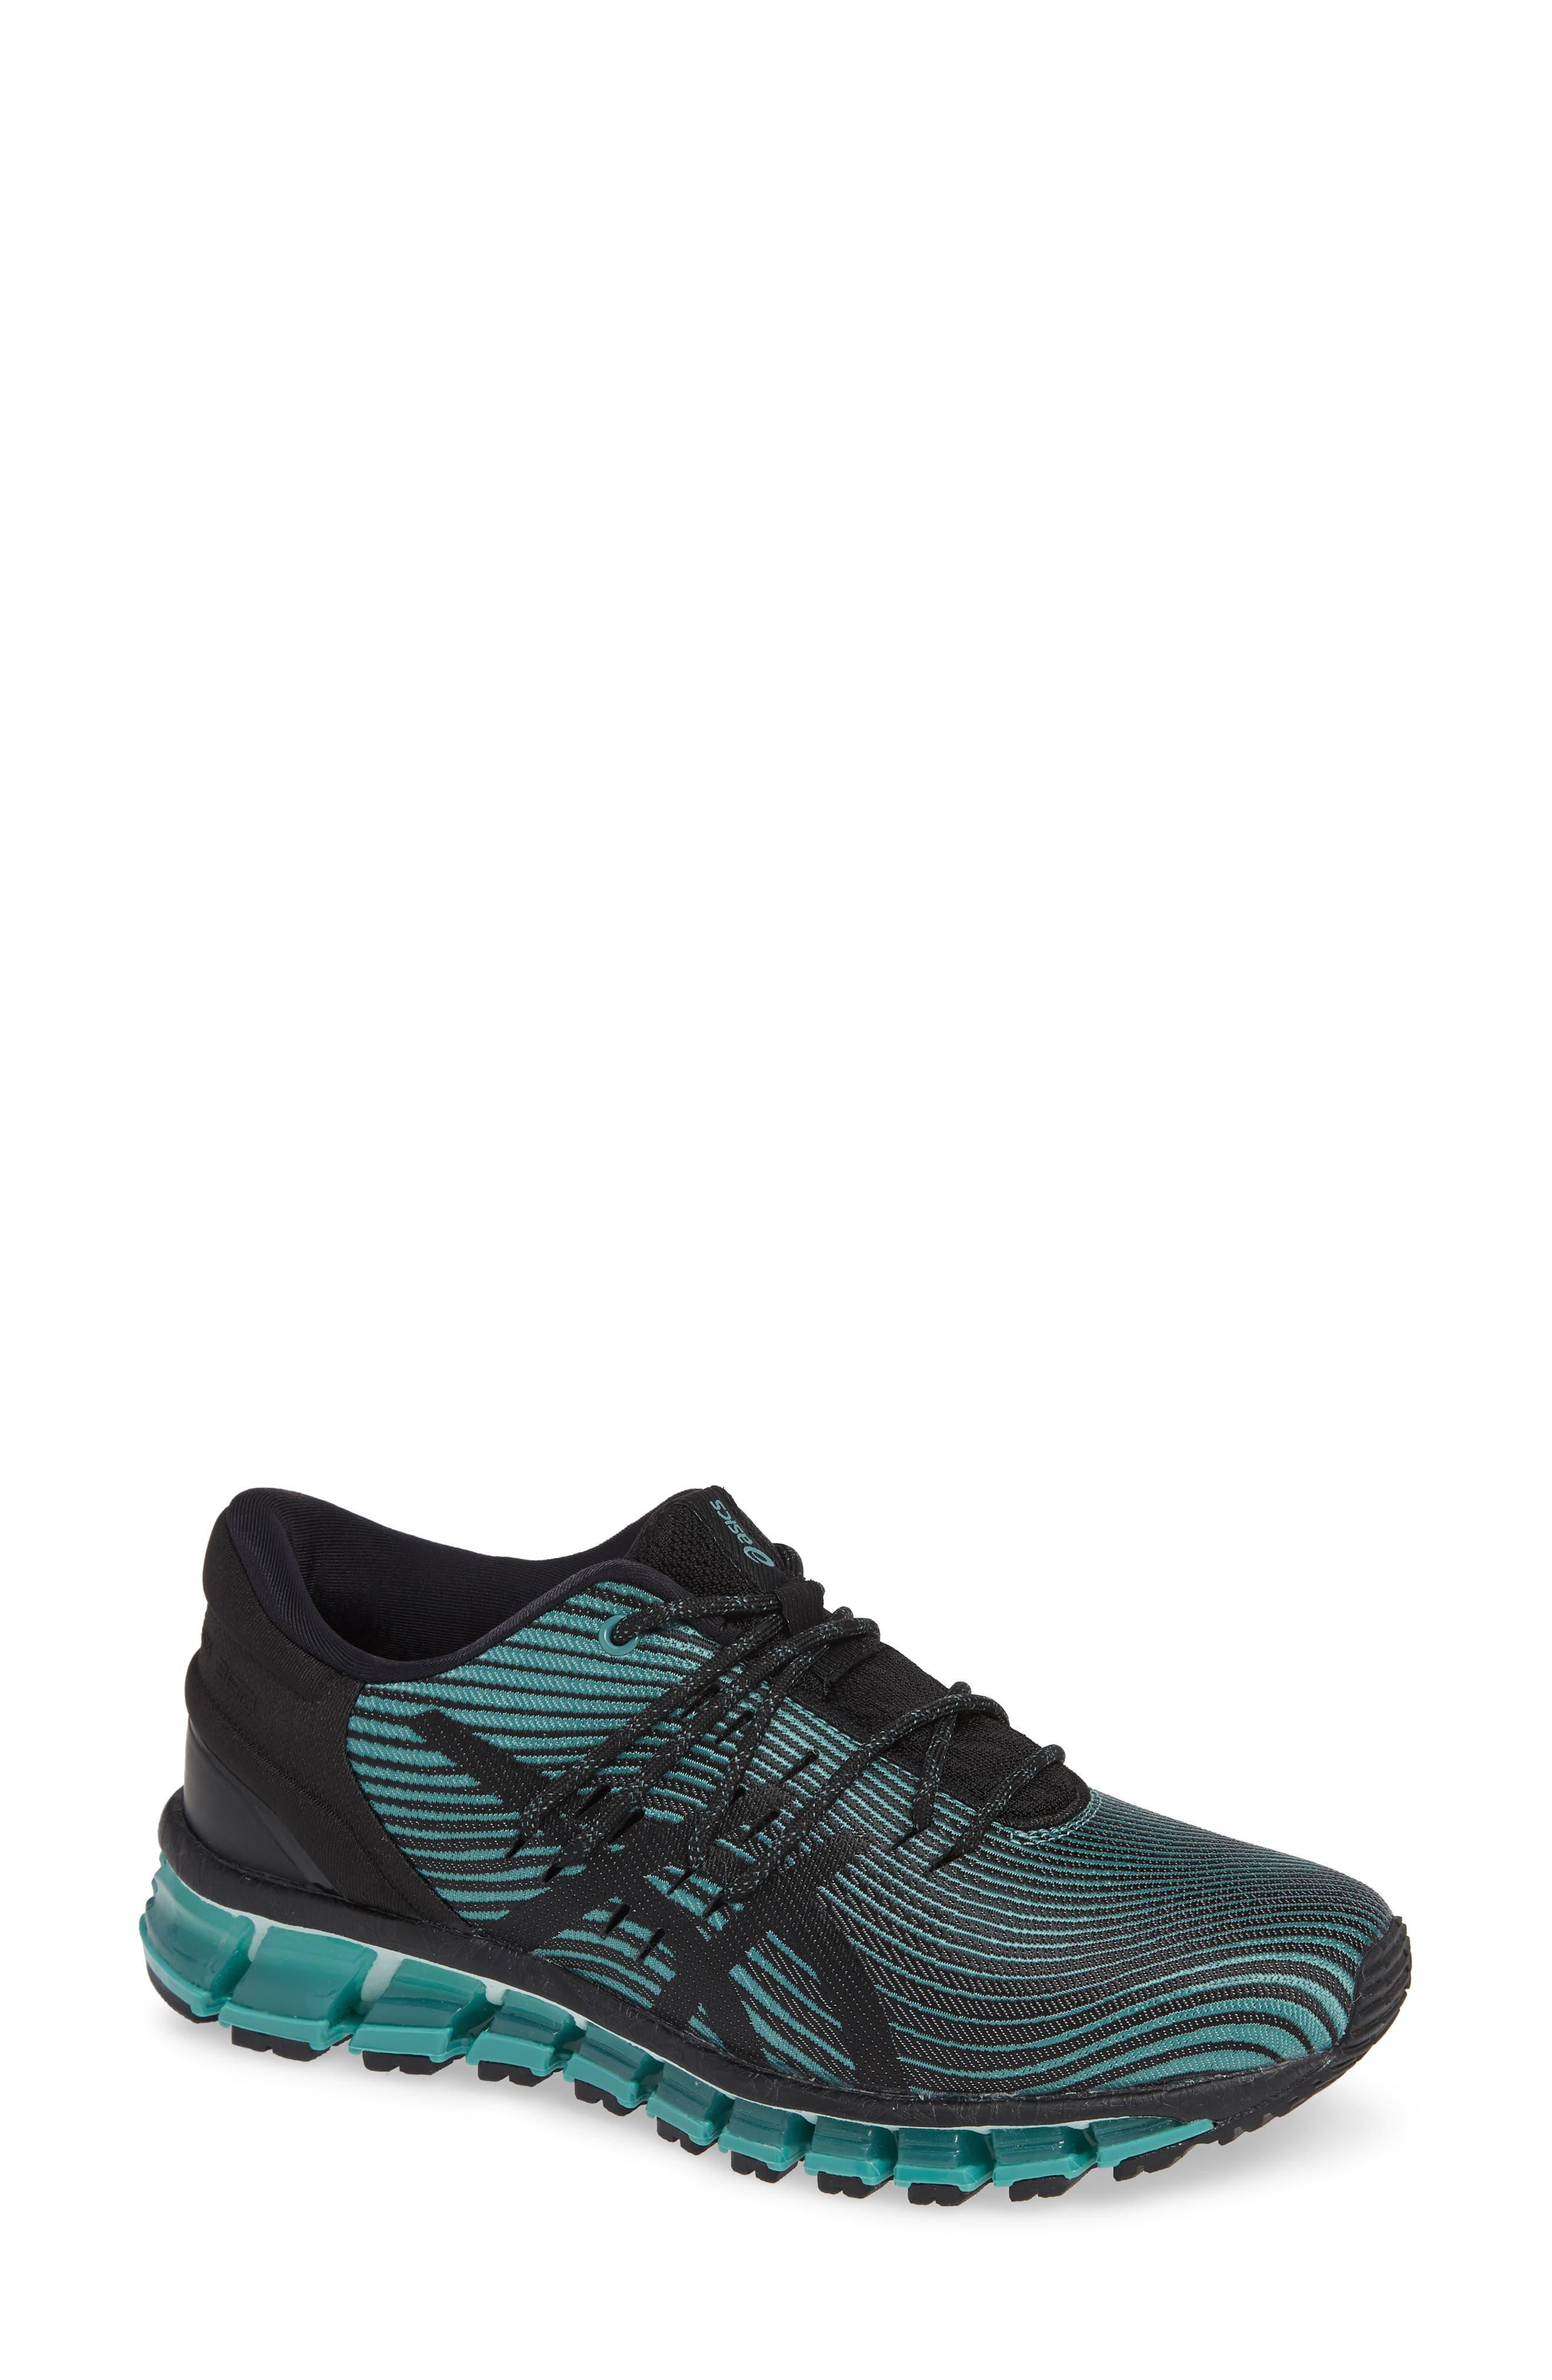 Asics Gel Quantum 360 4 Running Shoe